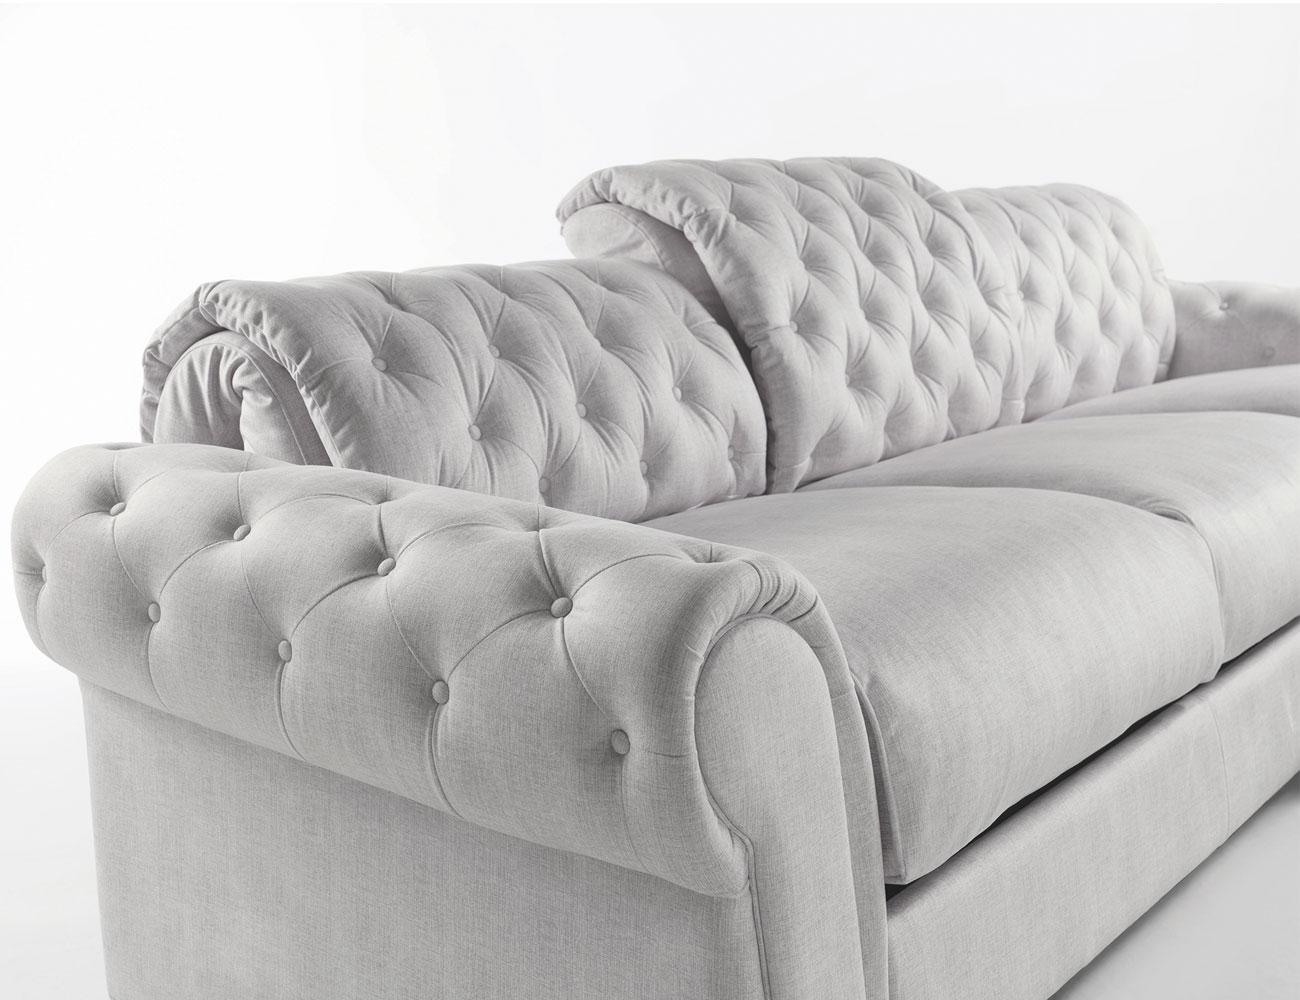 Sofa chaiselongue gran lujo decorativo capitone blanco tela 117